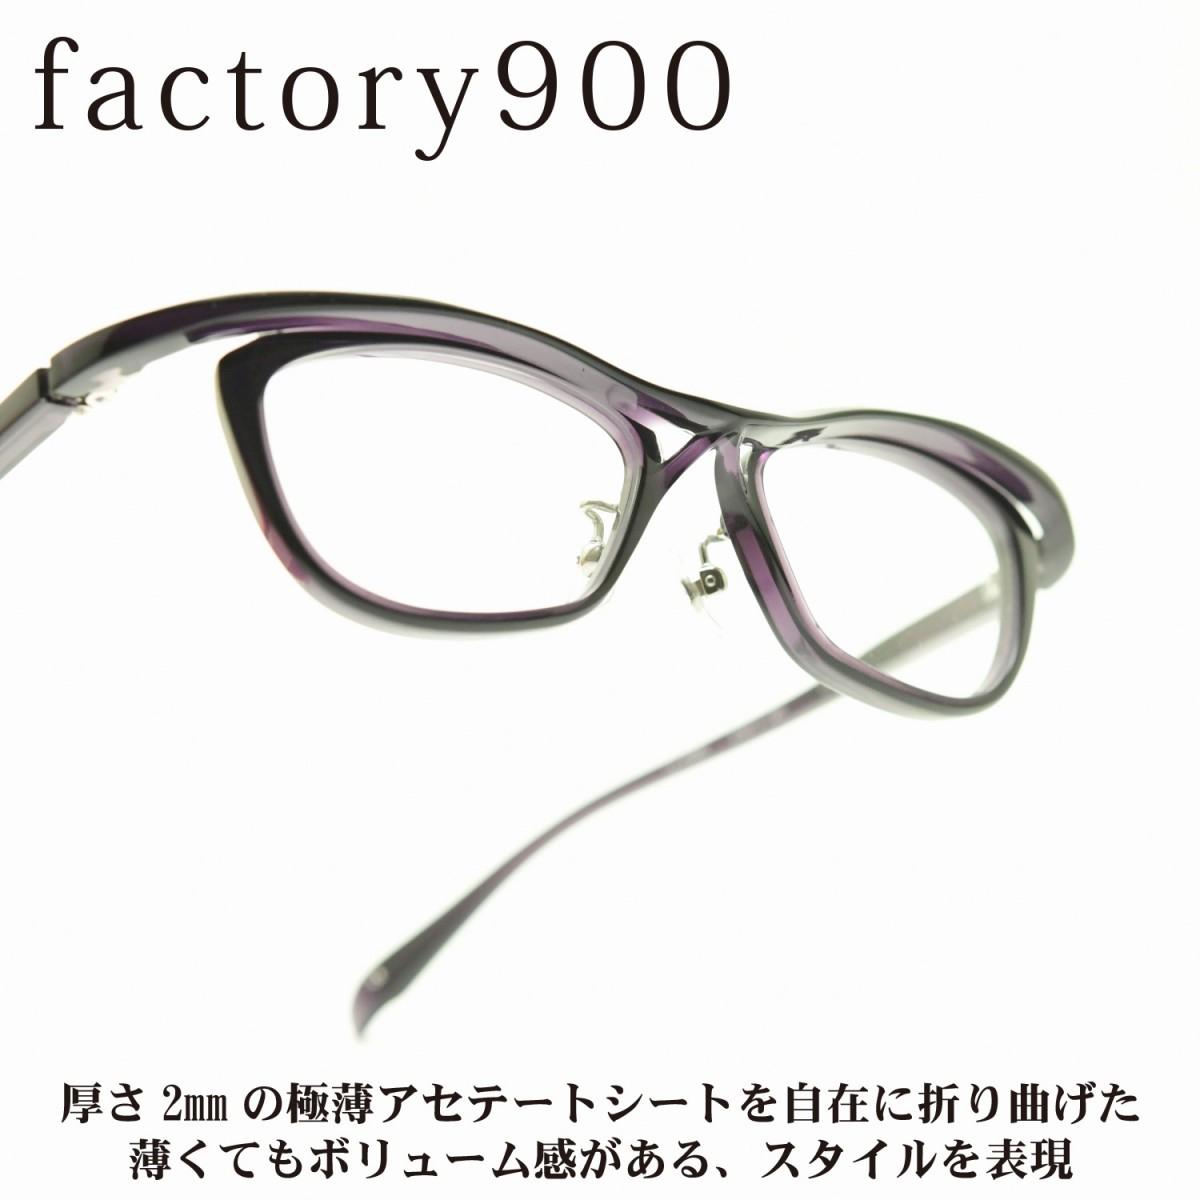 画像1: factory900 ファクトリー900 FA-2032 col-035 (1)